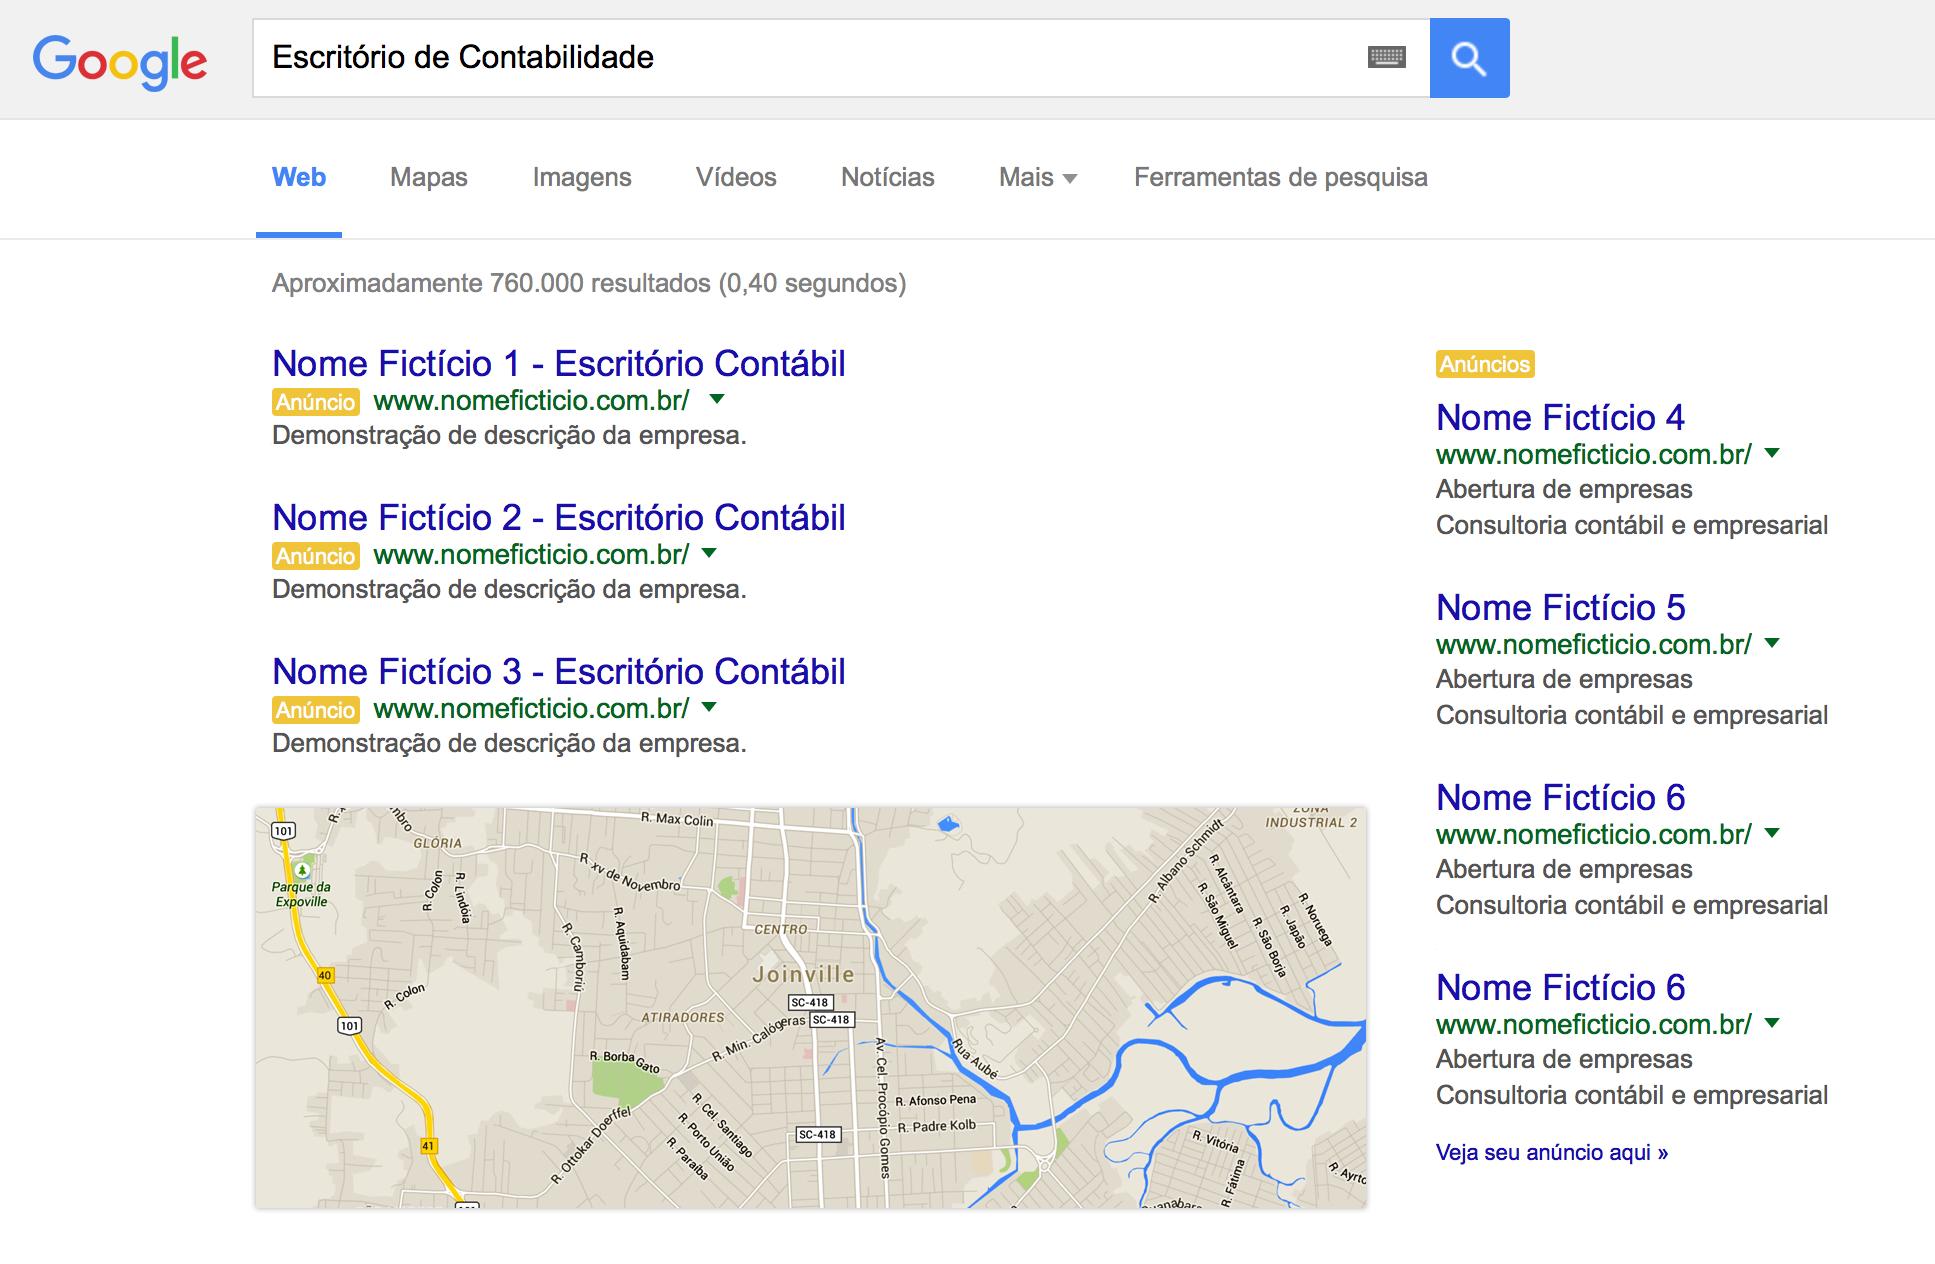 Como ter sucesso na propaganda do escritório contábil no Google?